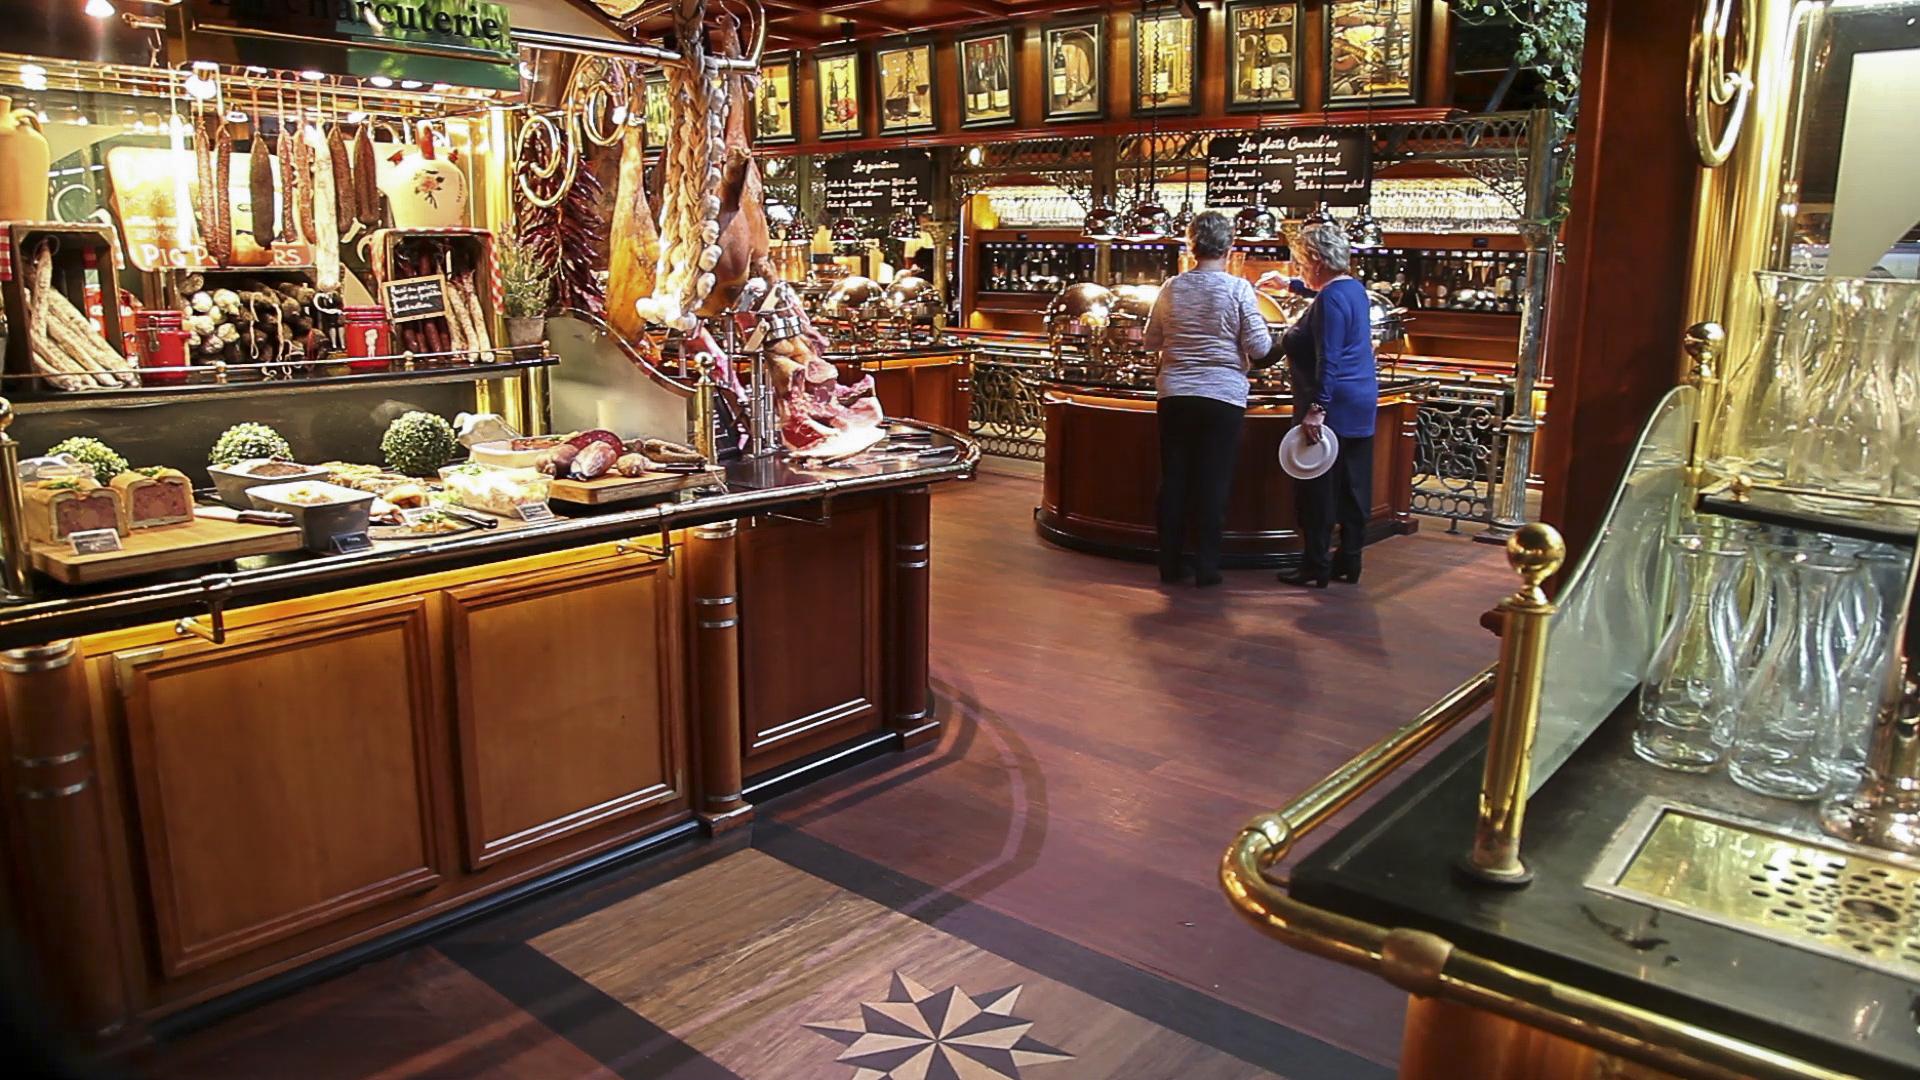 Les Grands Buffets, un museo gastronómico en Narbonne